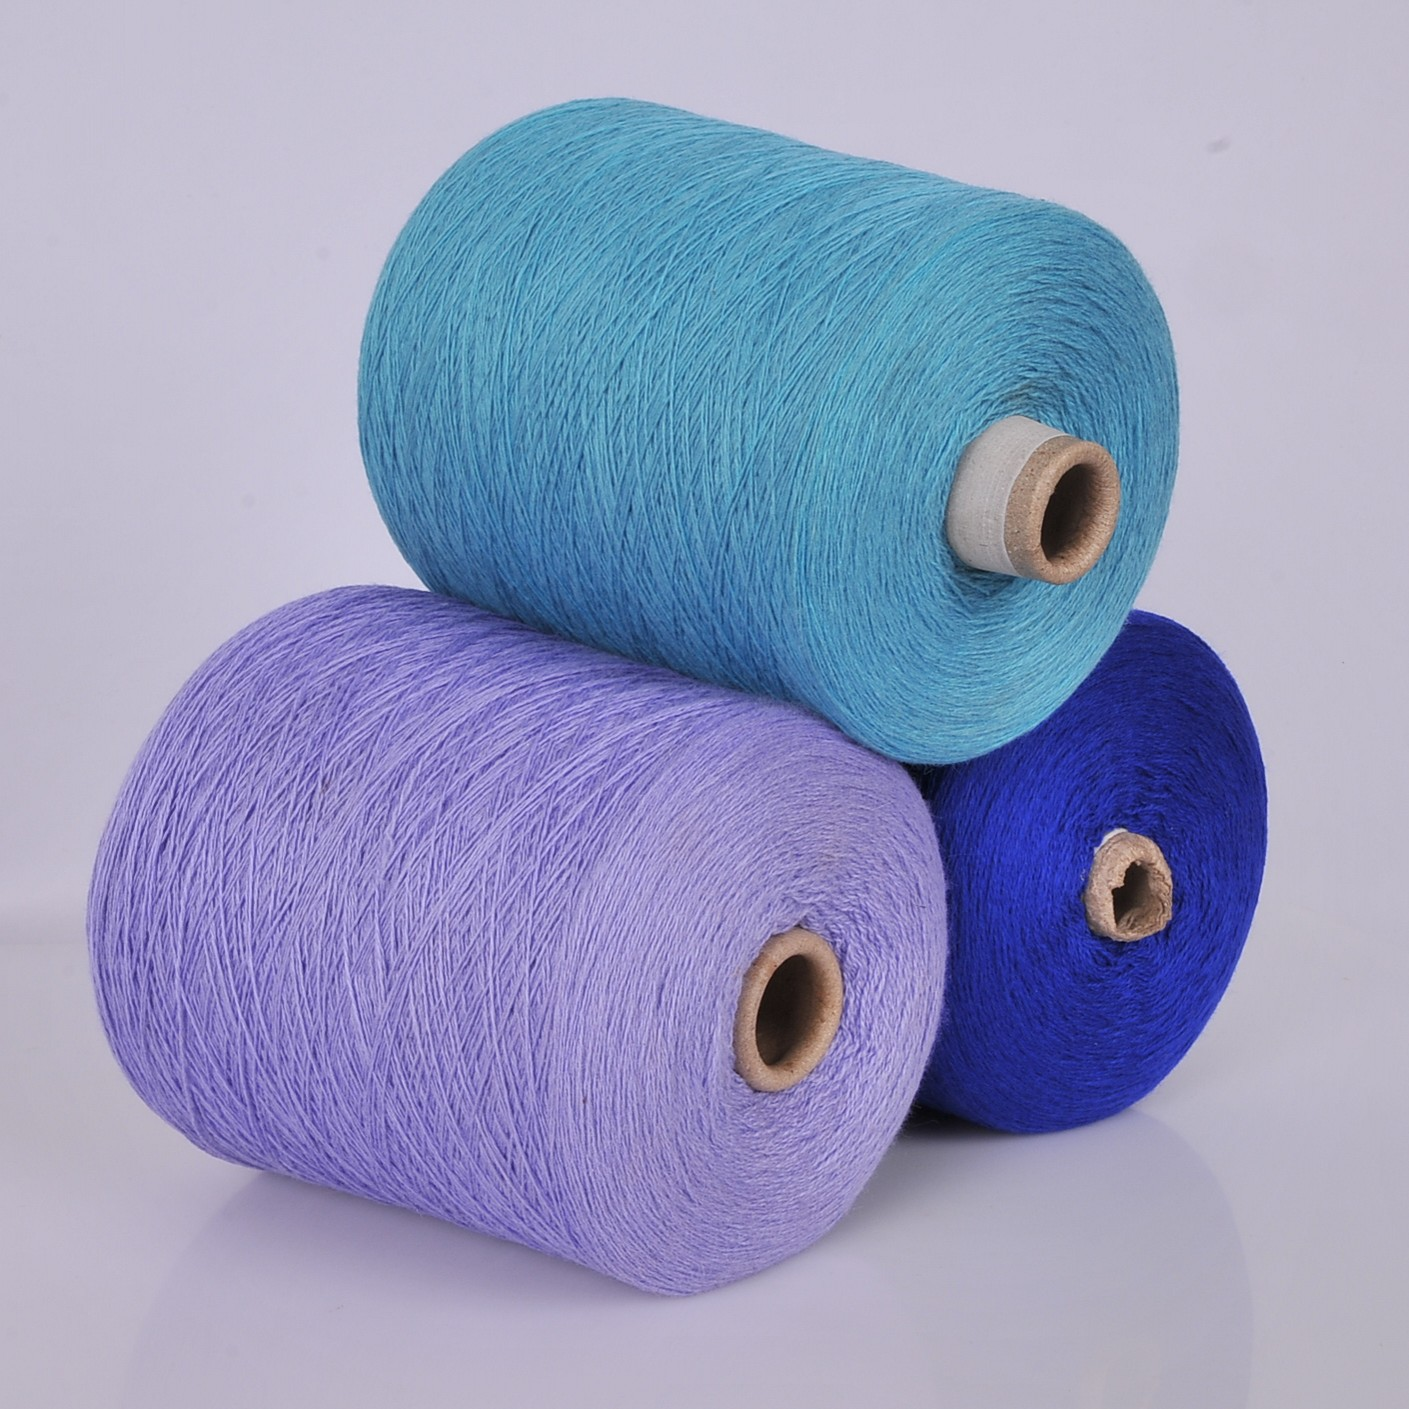 SHENGSEN Woven yarn yarn wholesale 100% pure cashmere yarn 25/2